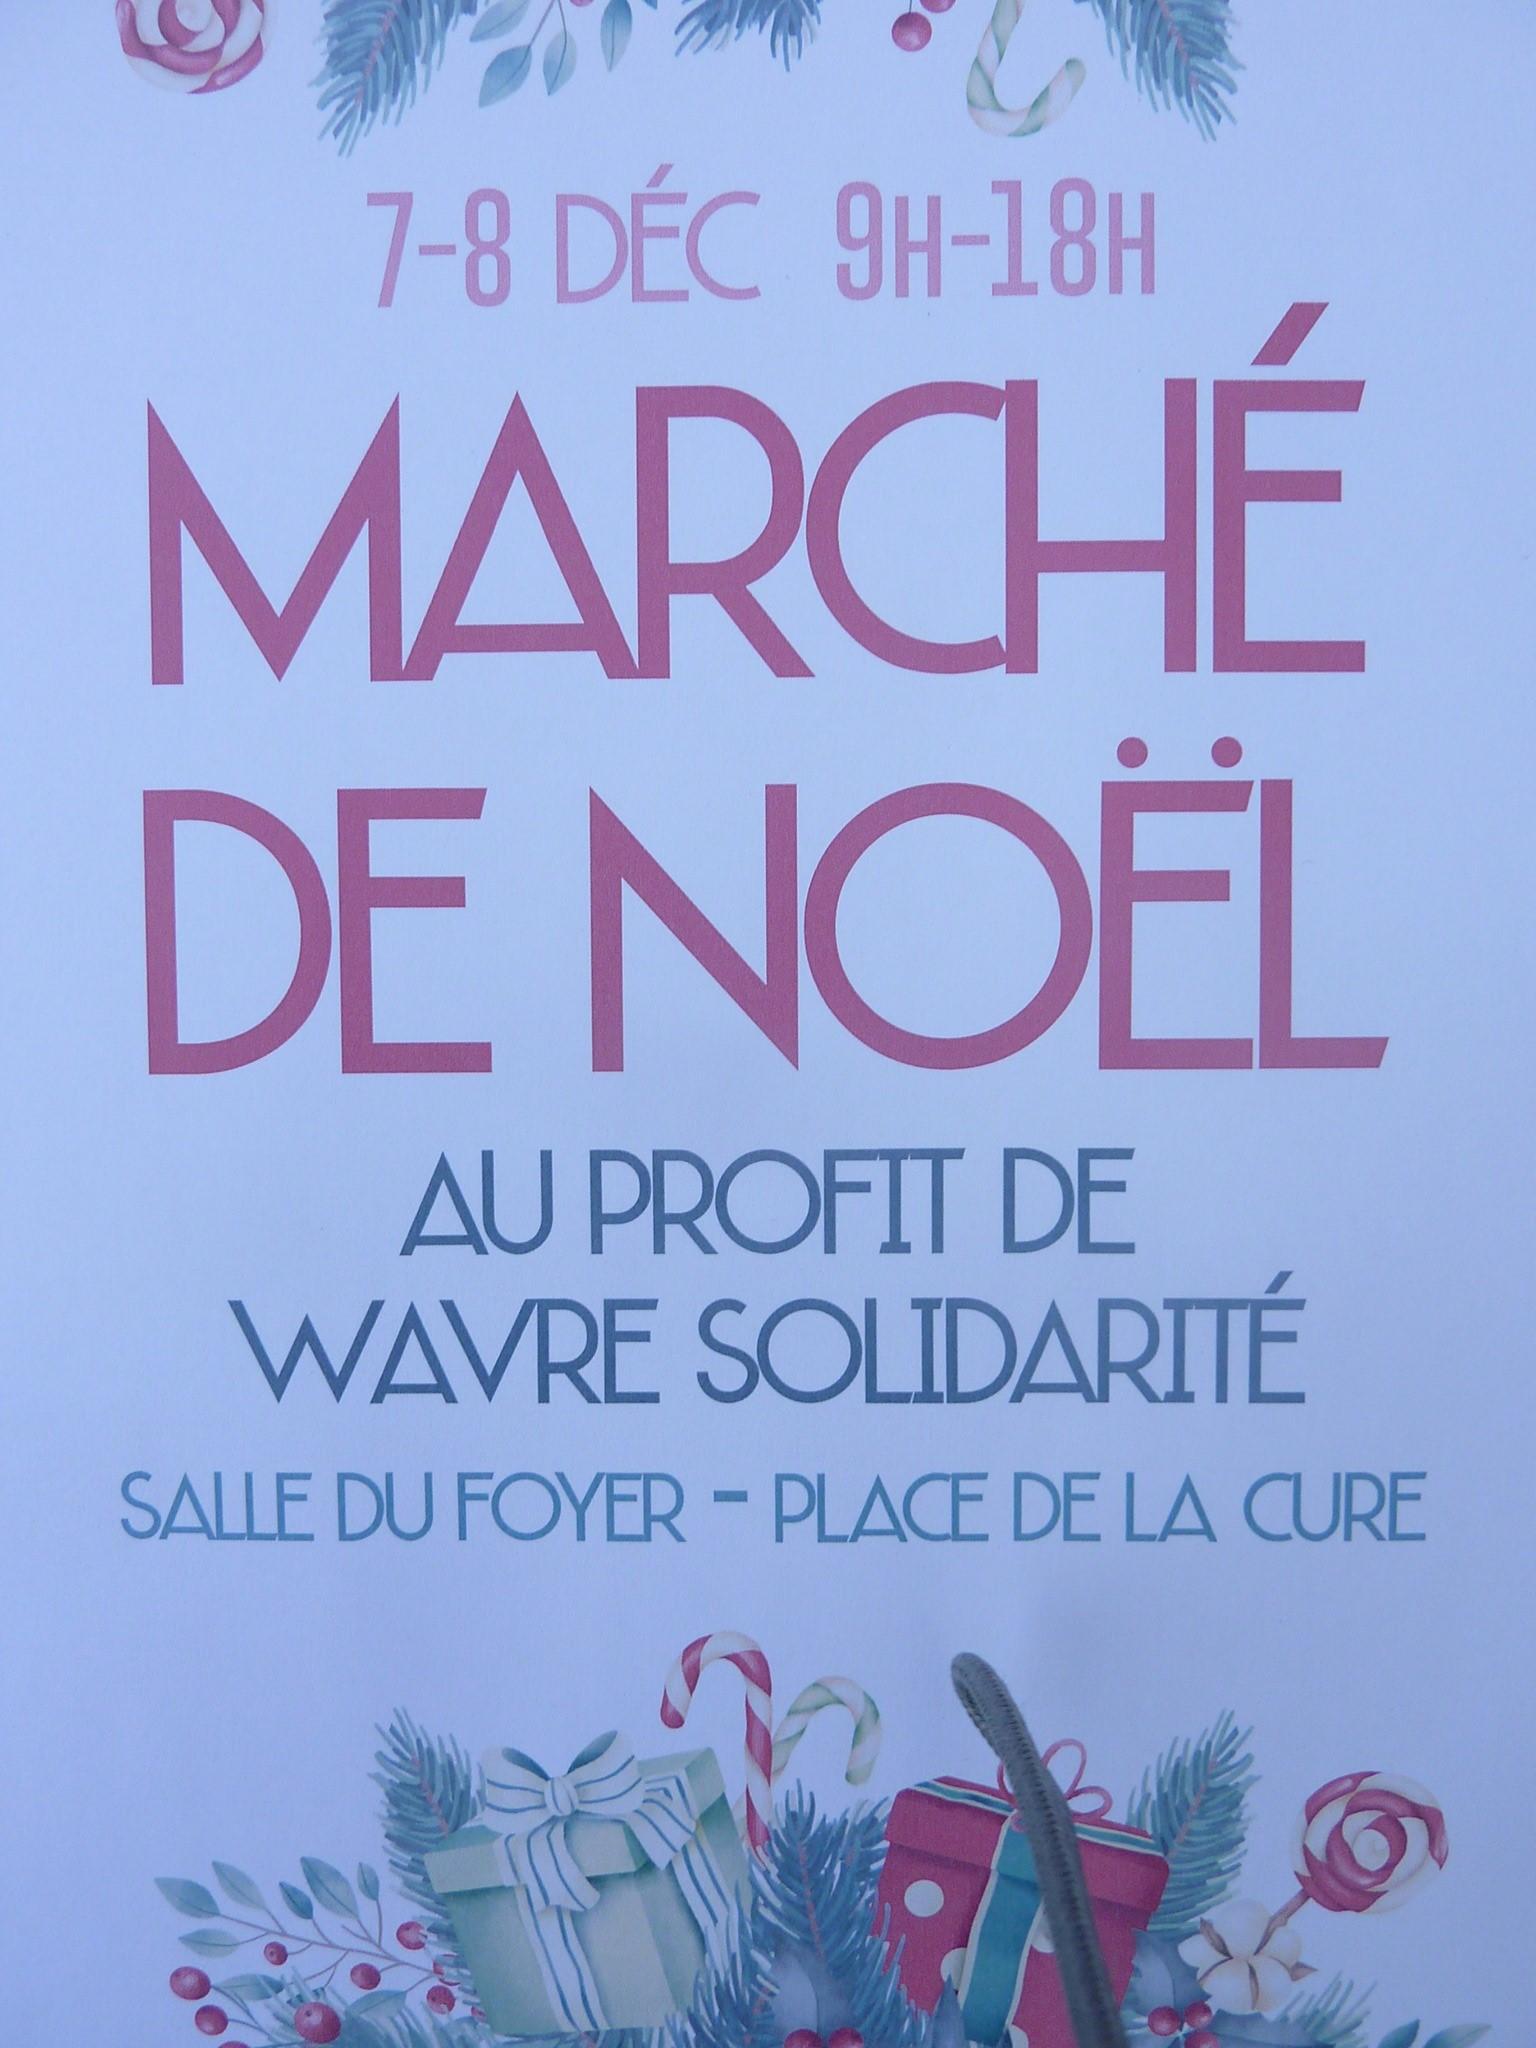 Marche de Noël de Wavre Solidarité